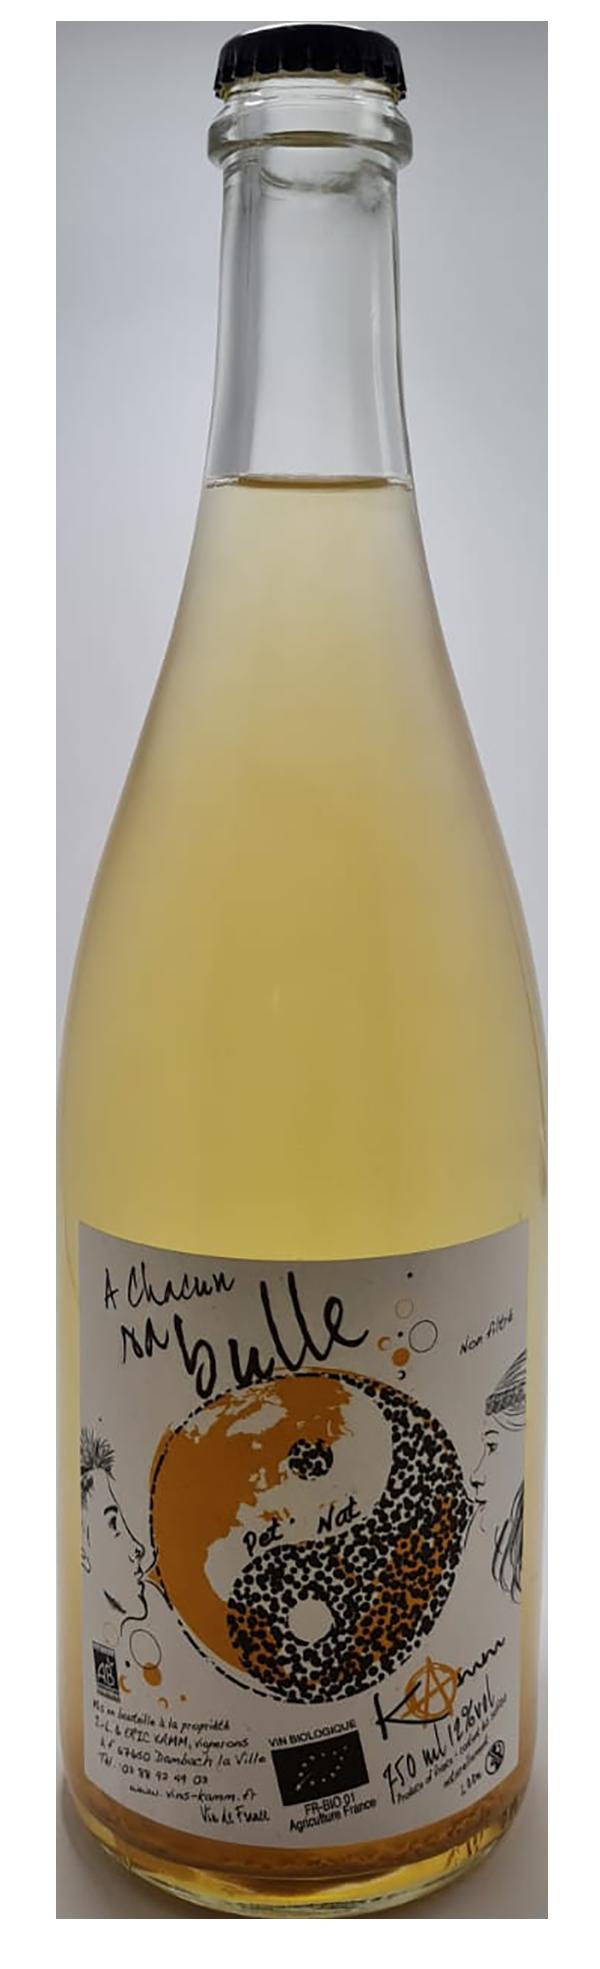 bouteille de pétillant naturel blanc, domaine kamm, cuvée à chacun sa bulle